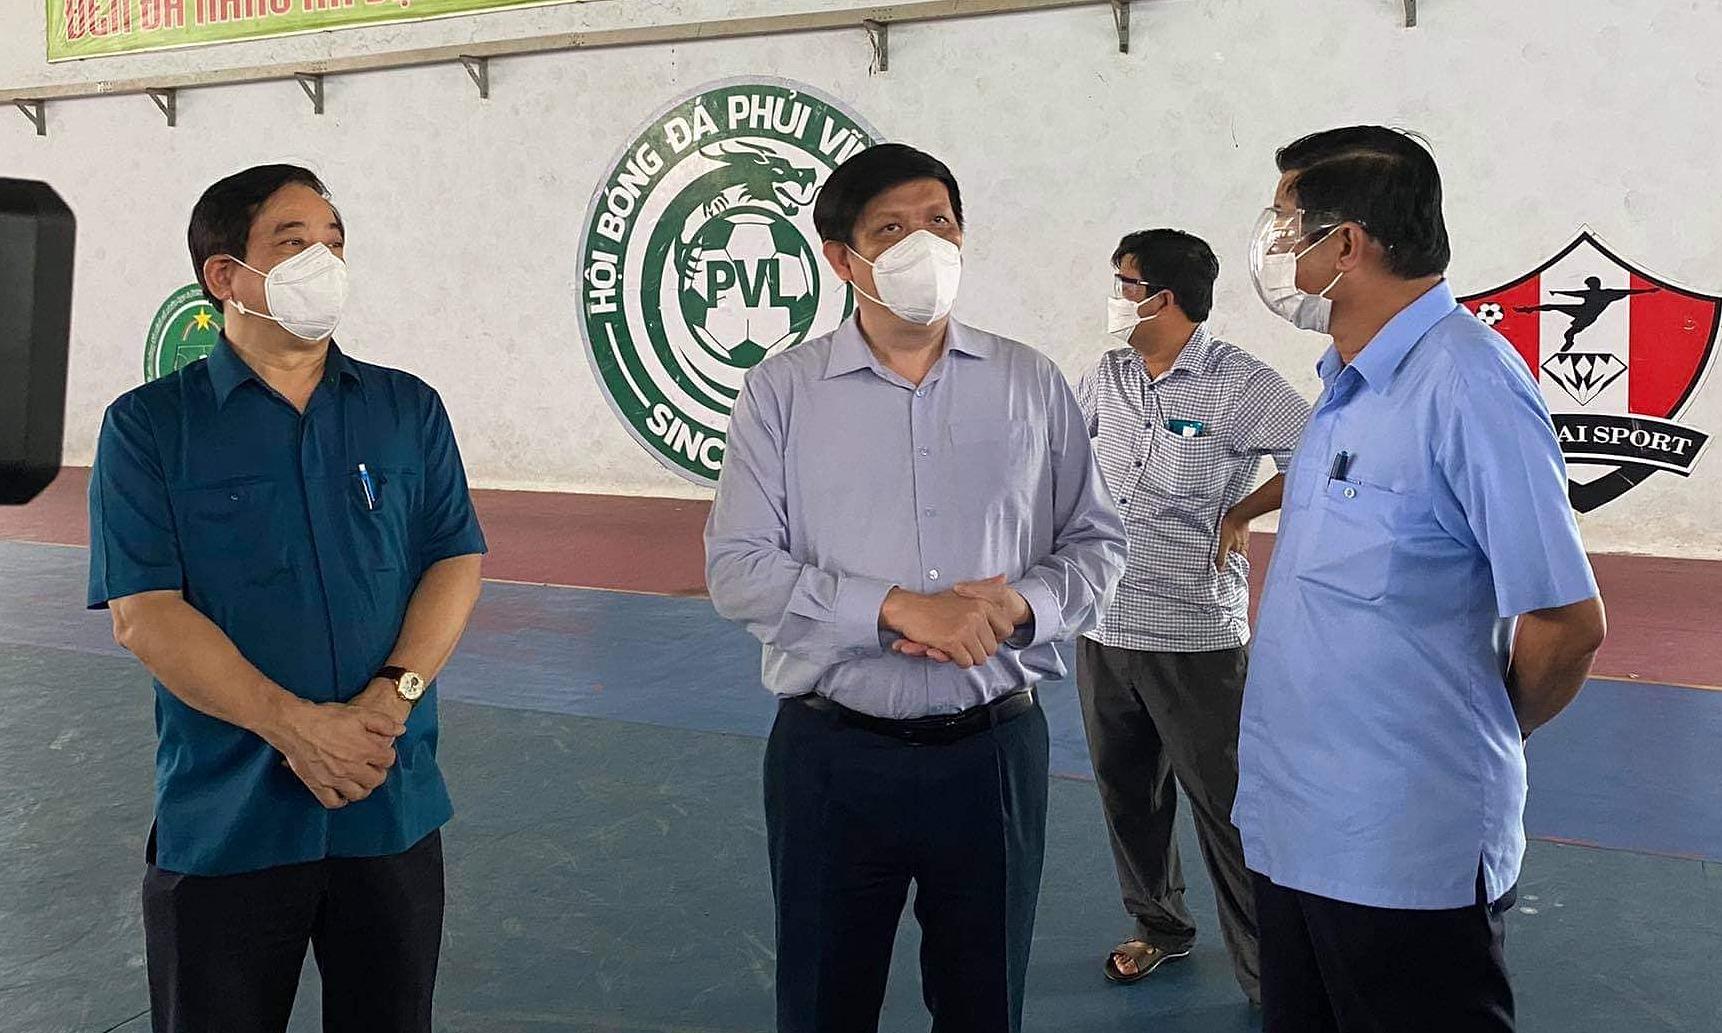 Bộ trưởng Long (giữa) và lãnh đạo tỉnh khảo sát địa điểm thiết lập Trung tâm điều trị tích cực tại Hoà Phú. Ảnh: Thái Bình.